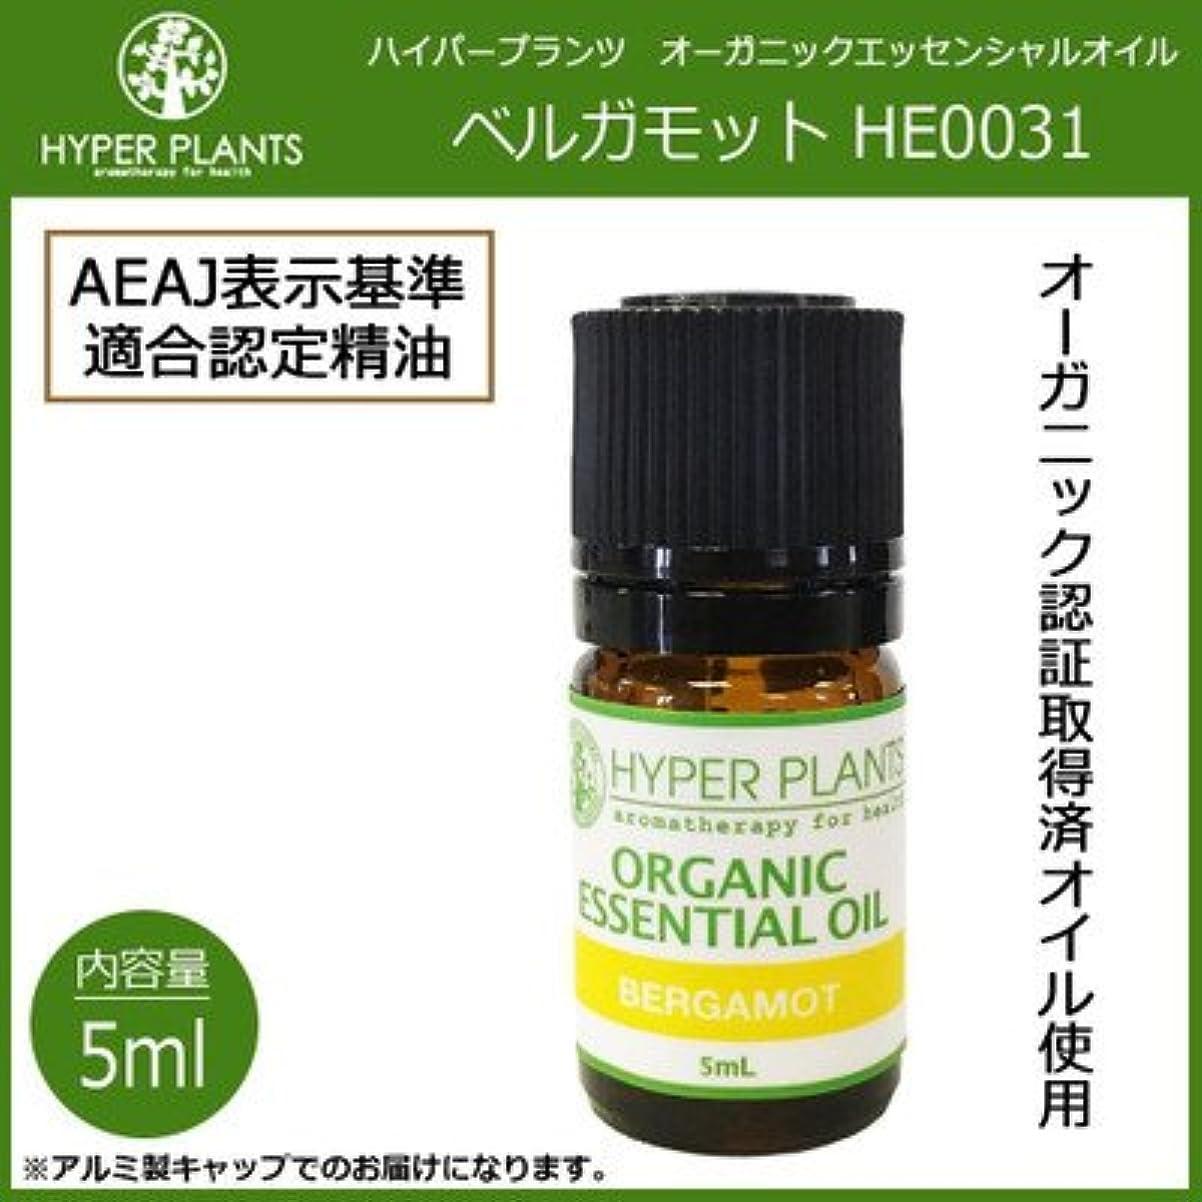 雇う吸収剤政治的毎日の生活にアロマの香りを HYPER PLANTS ハイパープランツ オーガニックエッセンシャルオイル ベルガモット 5ml HE0031